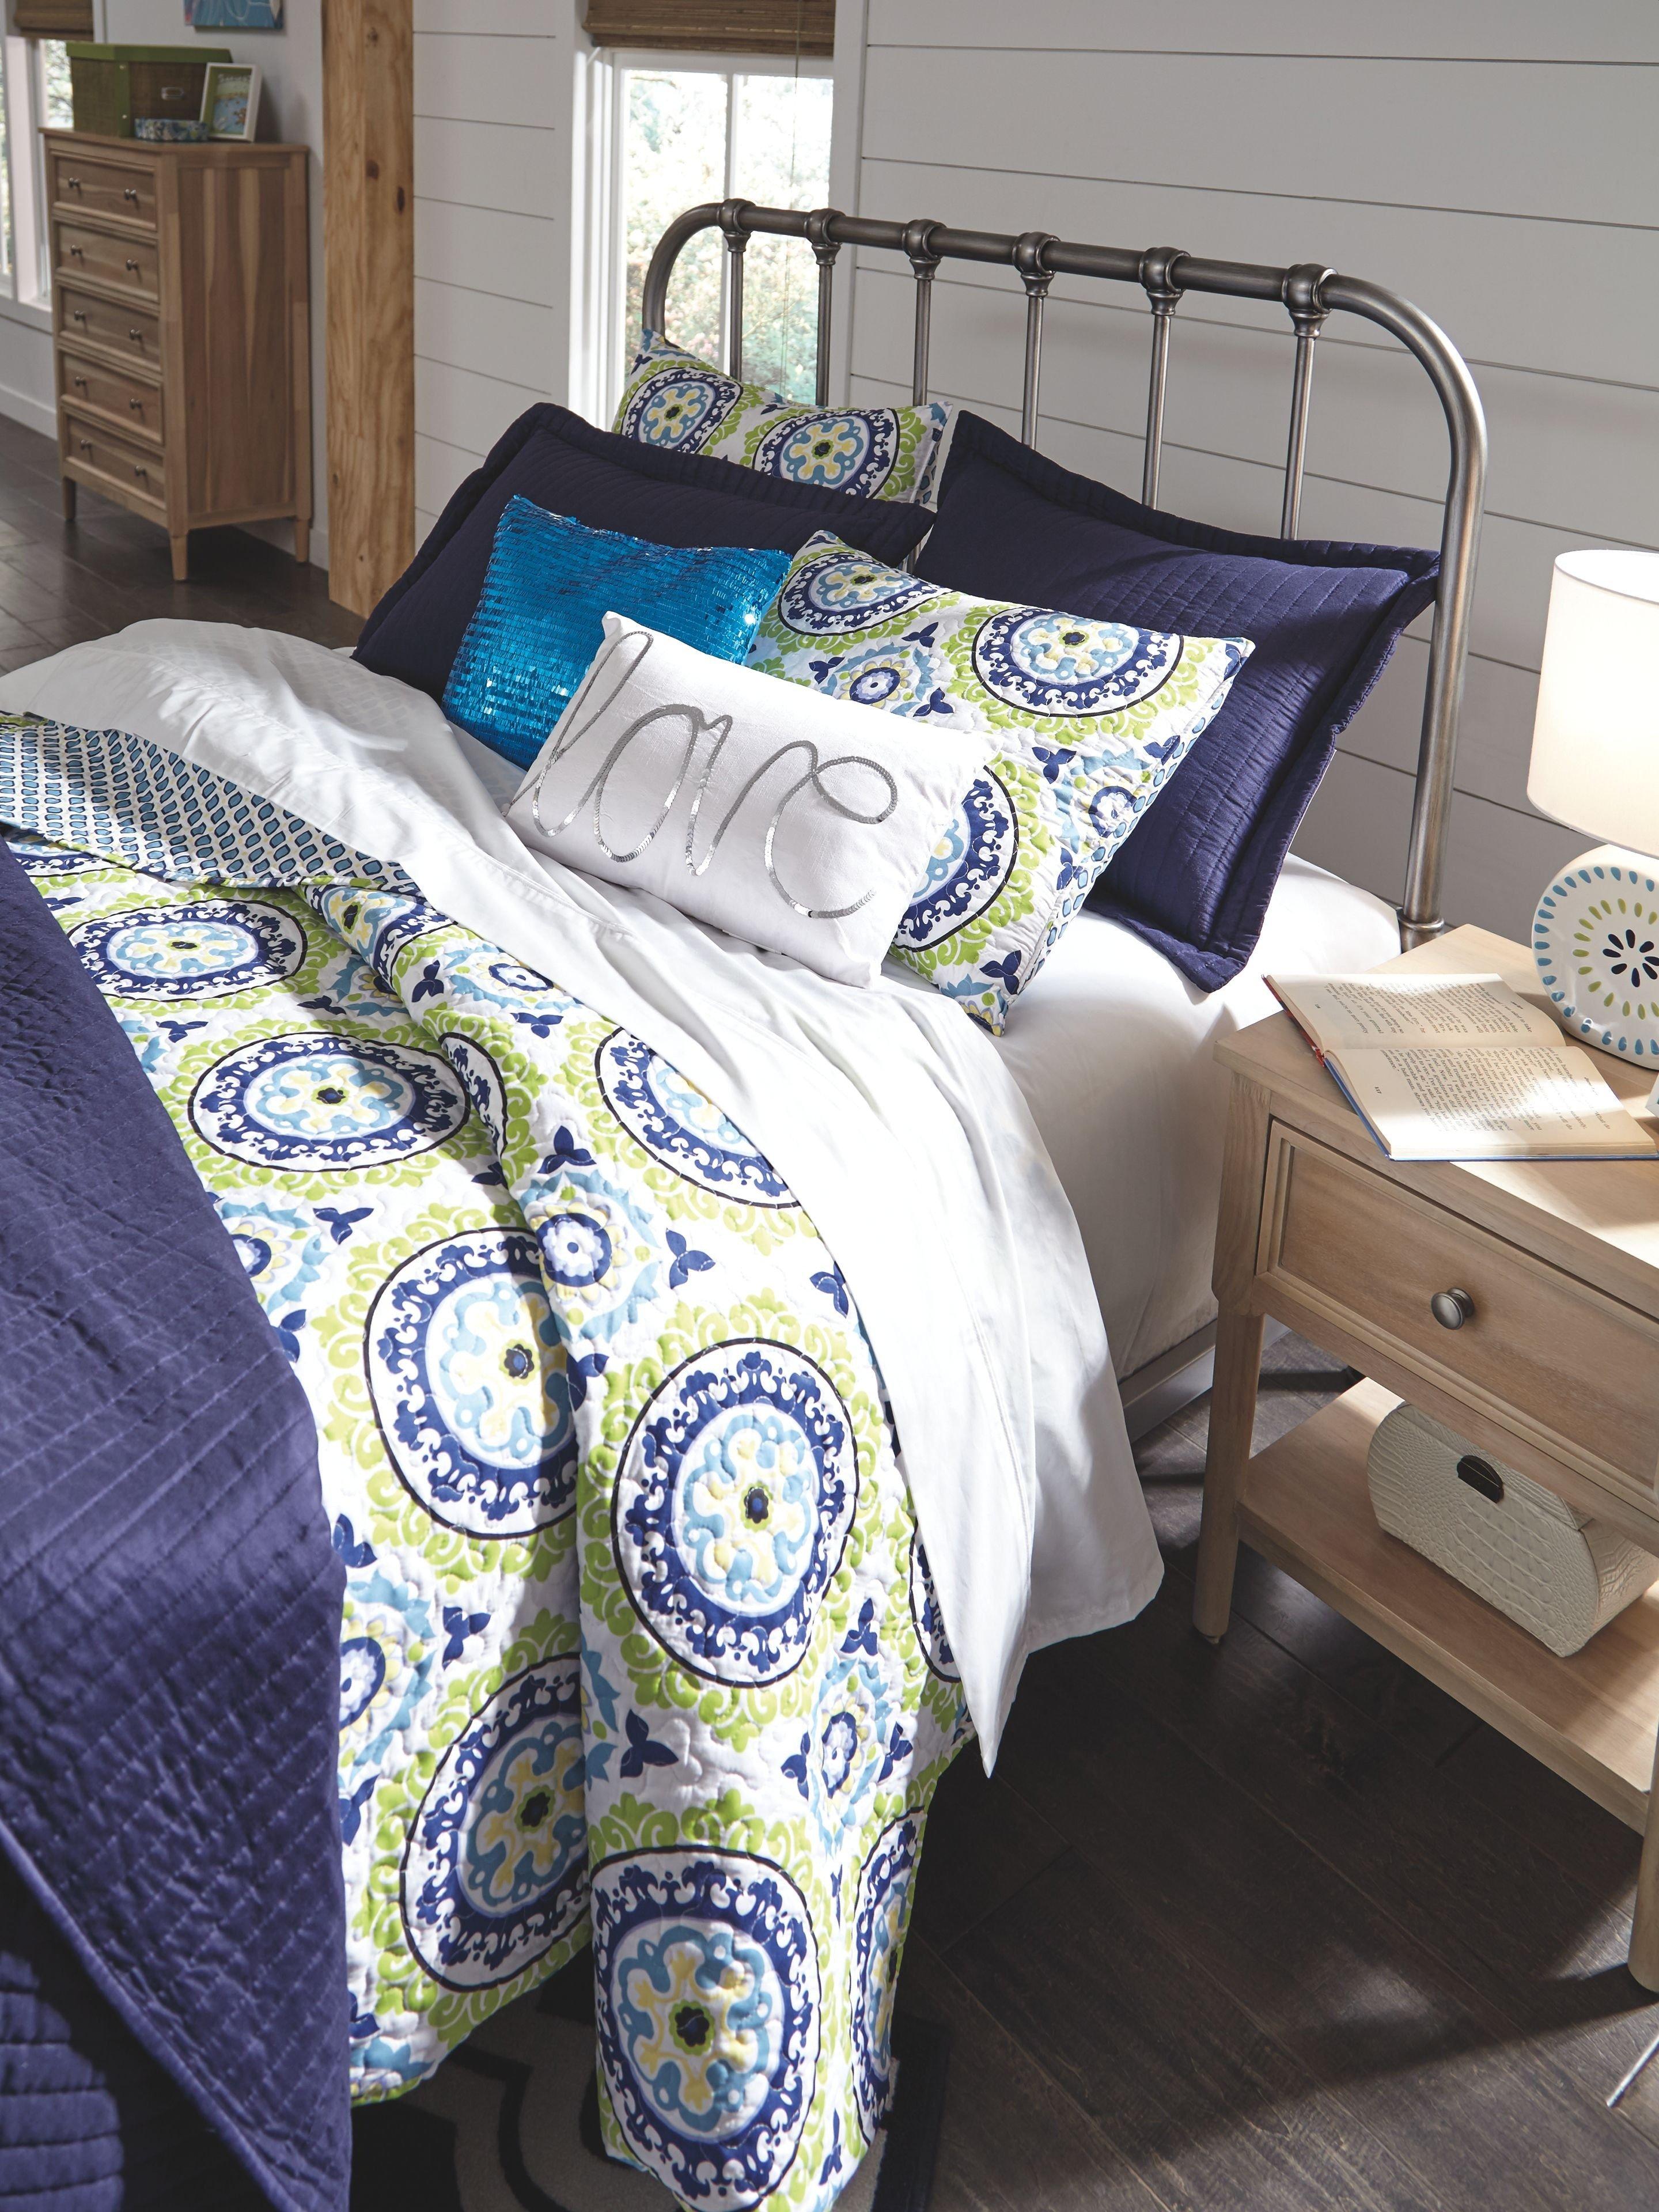 Kathy Ireland Bedroom Furniture Luxury Signature Design by ashley Bedroom Nashburg Queen Metal Bed